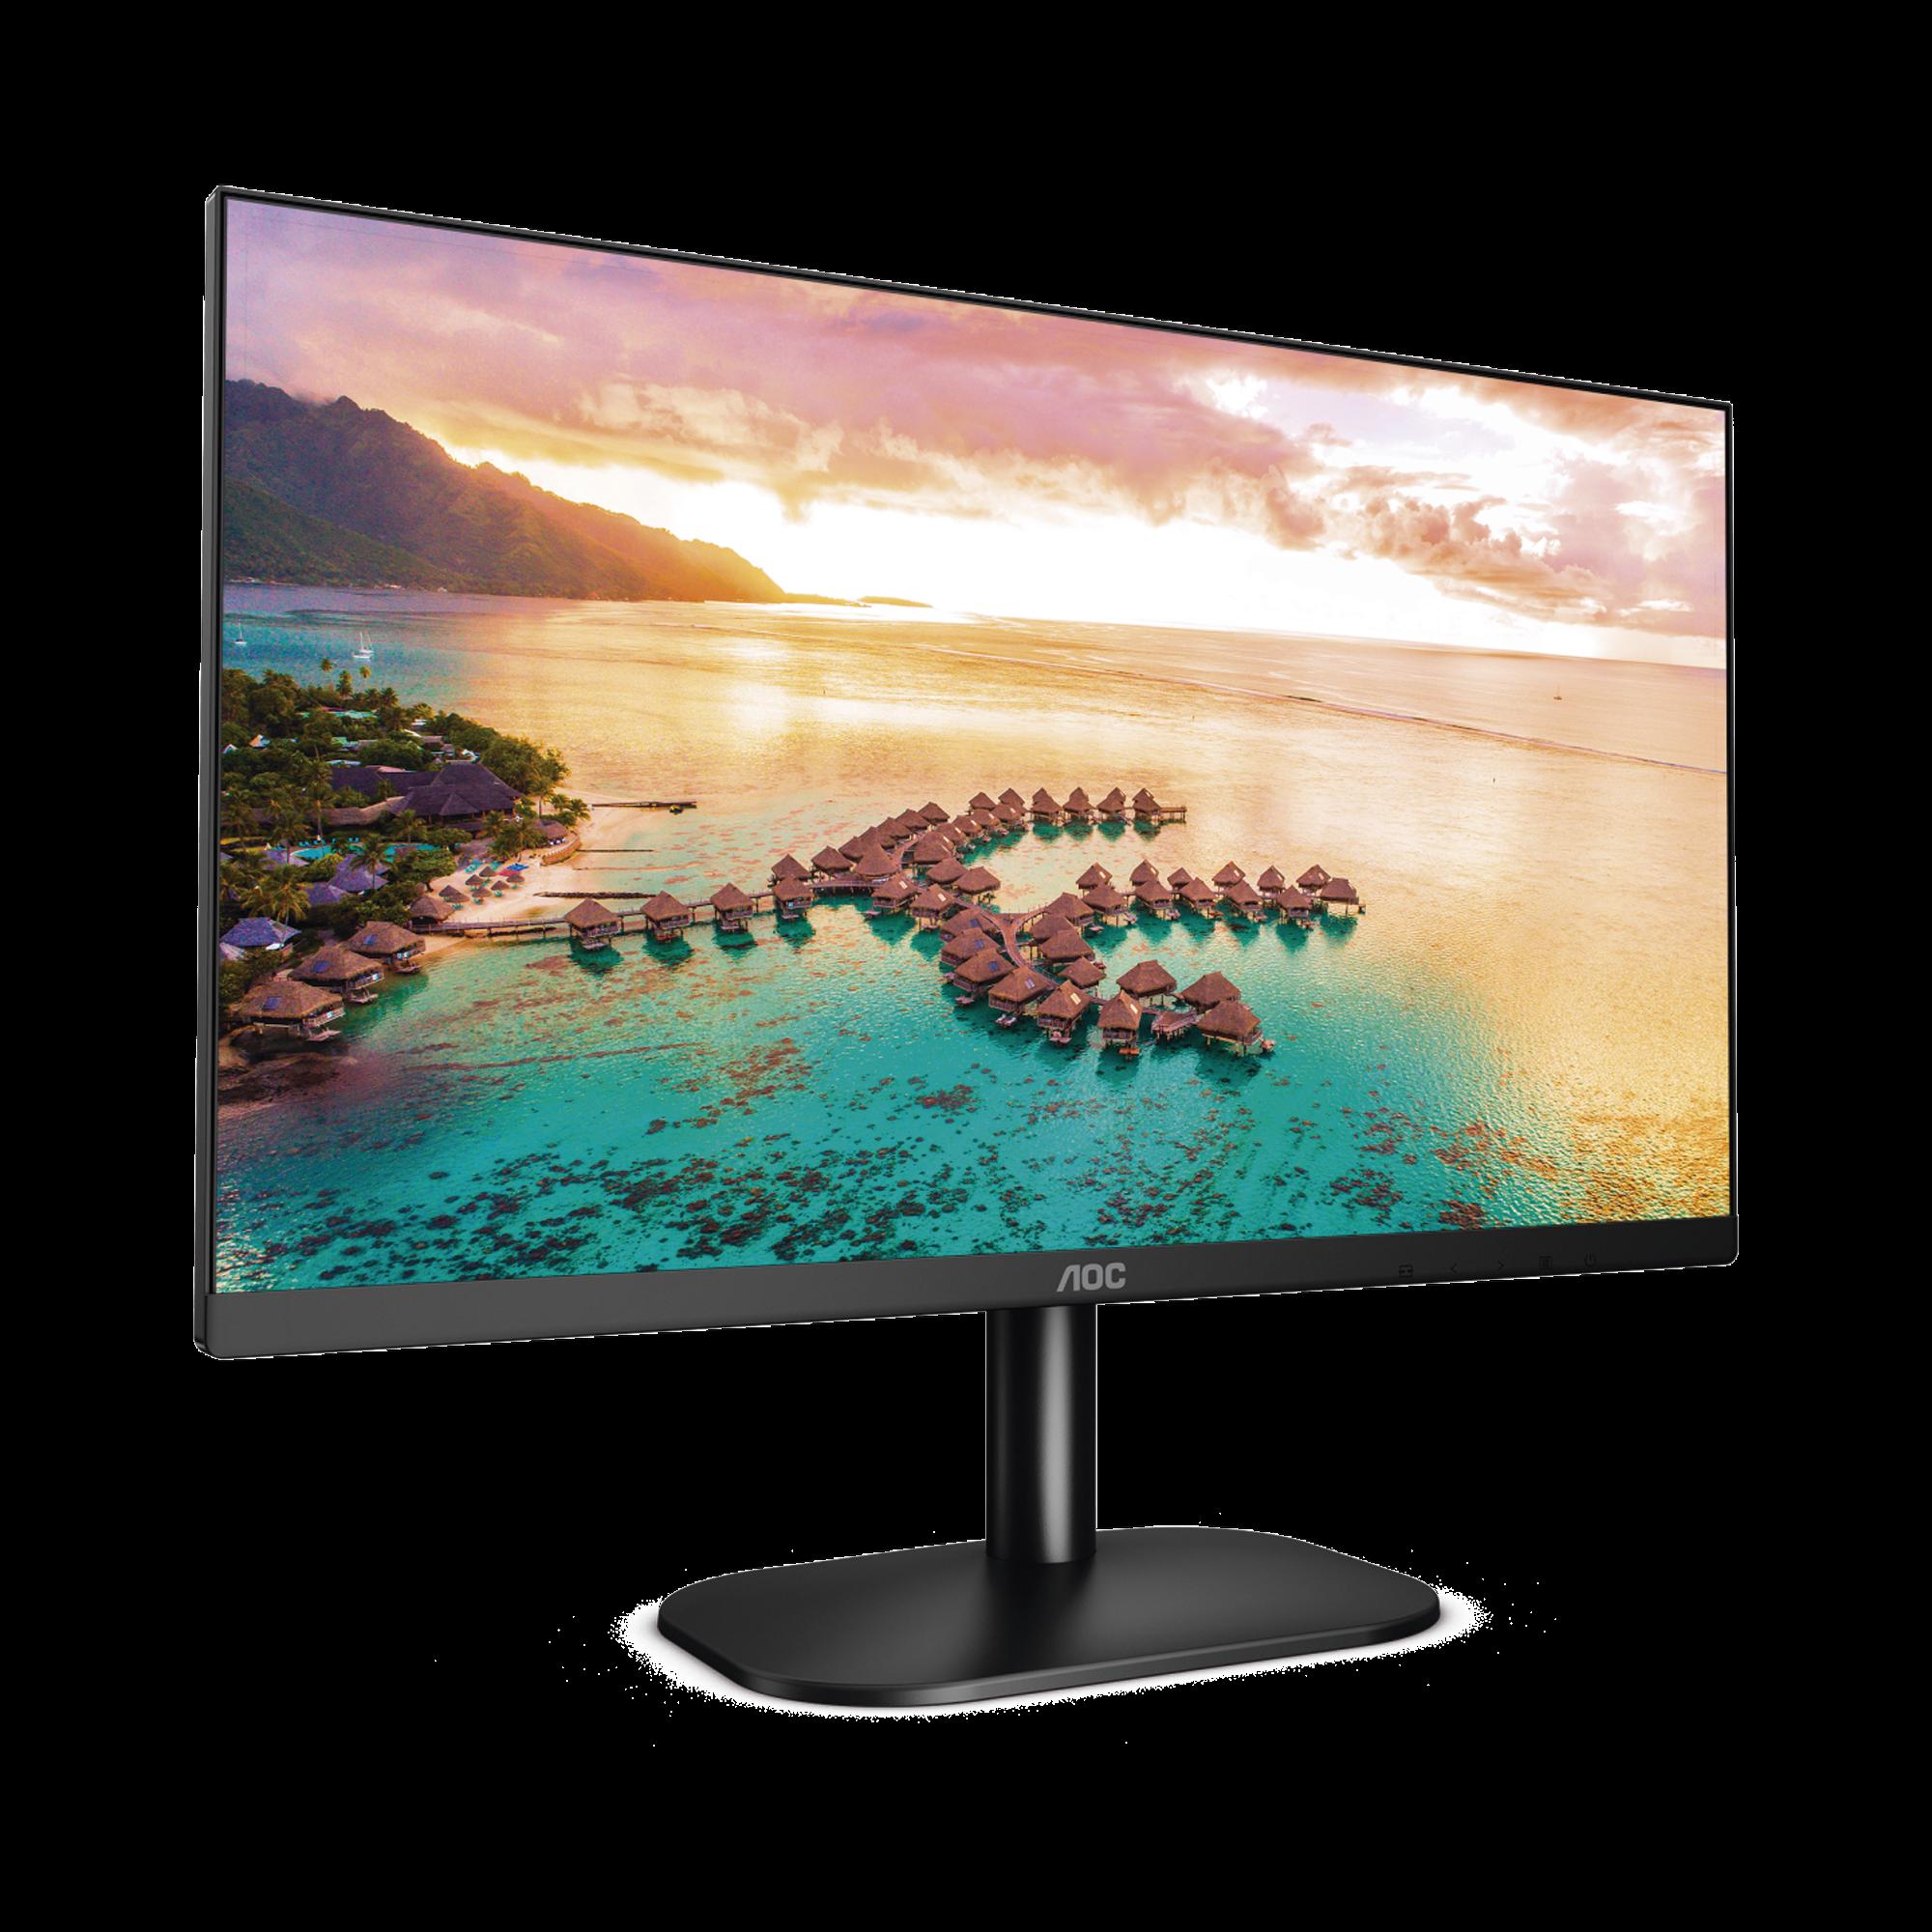 Monitor LED de 23.8 VESA, Resolución 1920 x 1080 Pixeles, Entradas de Video VGA/HDMI. Panel IPS LCD Backlight LED. Ultra Delgado